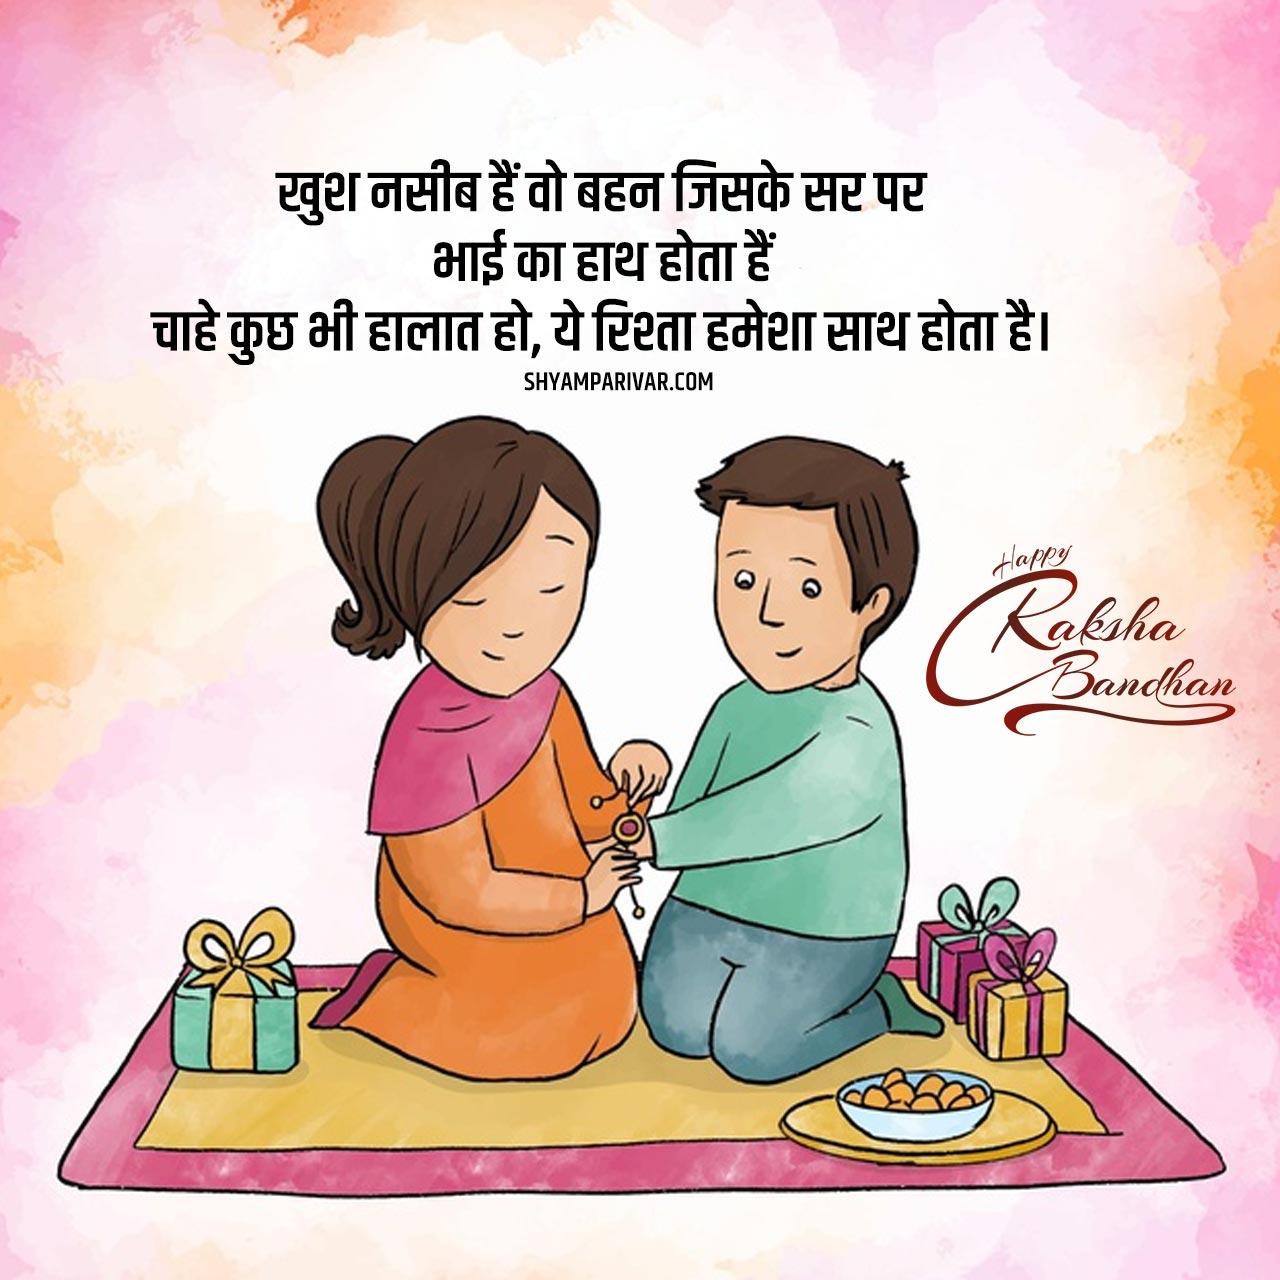 Happy Rakhi Images, रक्षाबंधन की हार्दिक शुभकामनाये